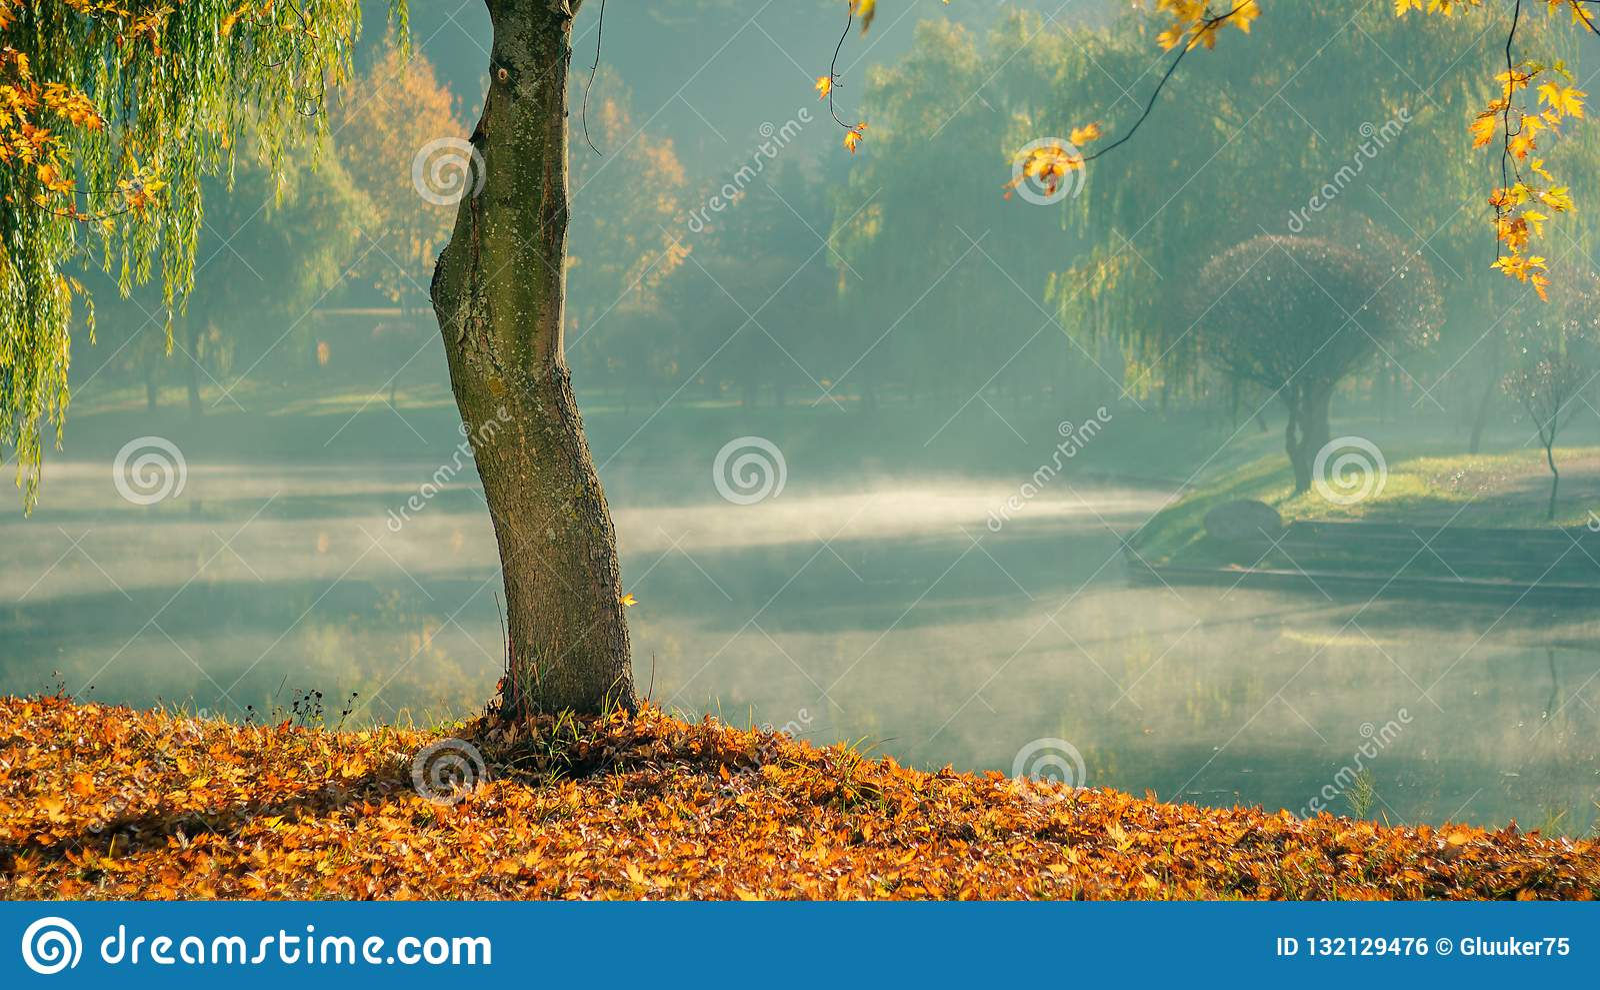 Золотистая осень уединенное обнаженное дерево с упаденными листьями на побережье на фоне светлого тумана утра над водой в